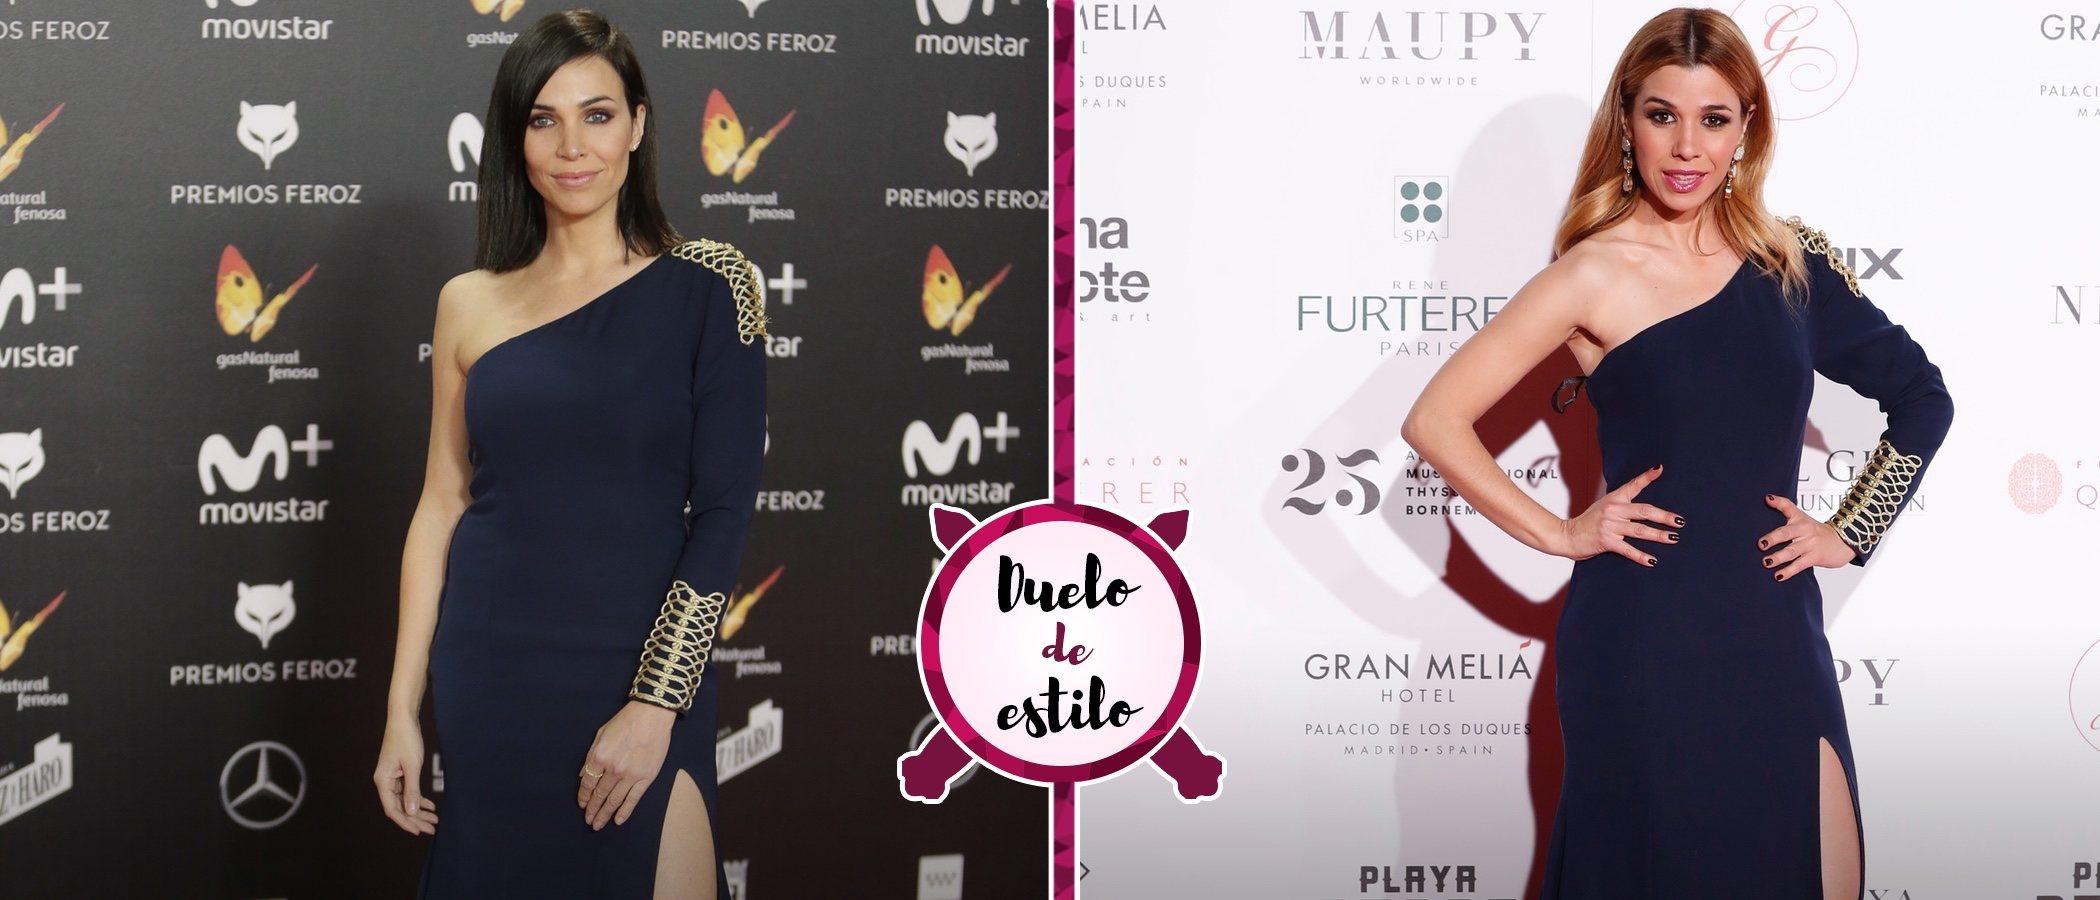 Nerea Garmendia y Natalia Rodríguez escogen el mismo vestido de Rubén Hernández Costura